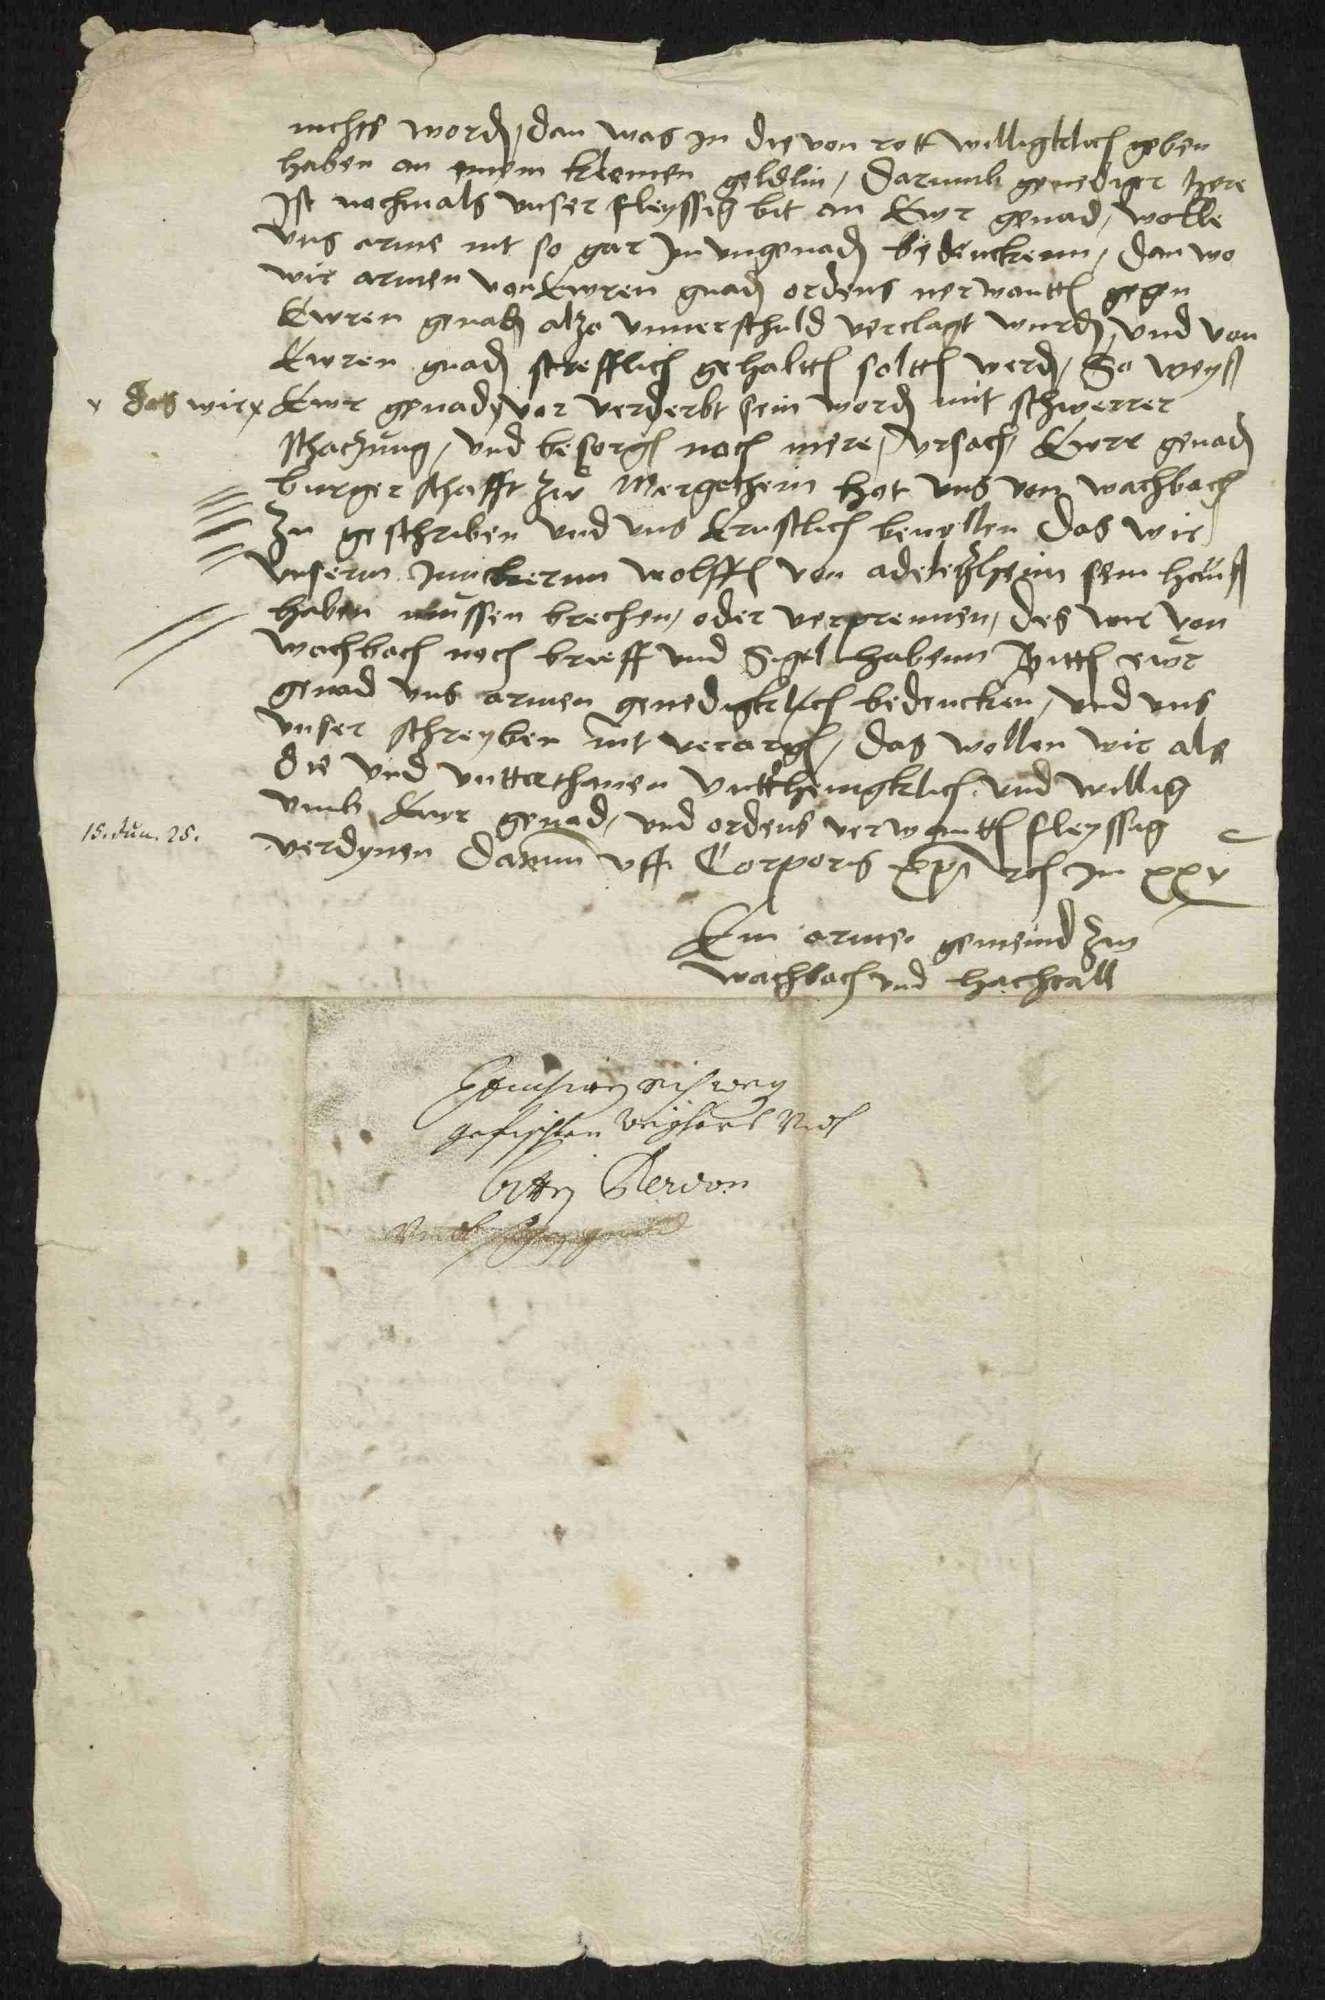 Bestrafung, Brandschatzung und Huldigungen der deutschherrischen Gemeinden und Untertanen, 1525-1530, Bild 3